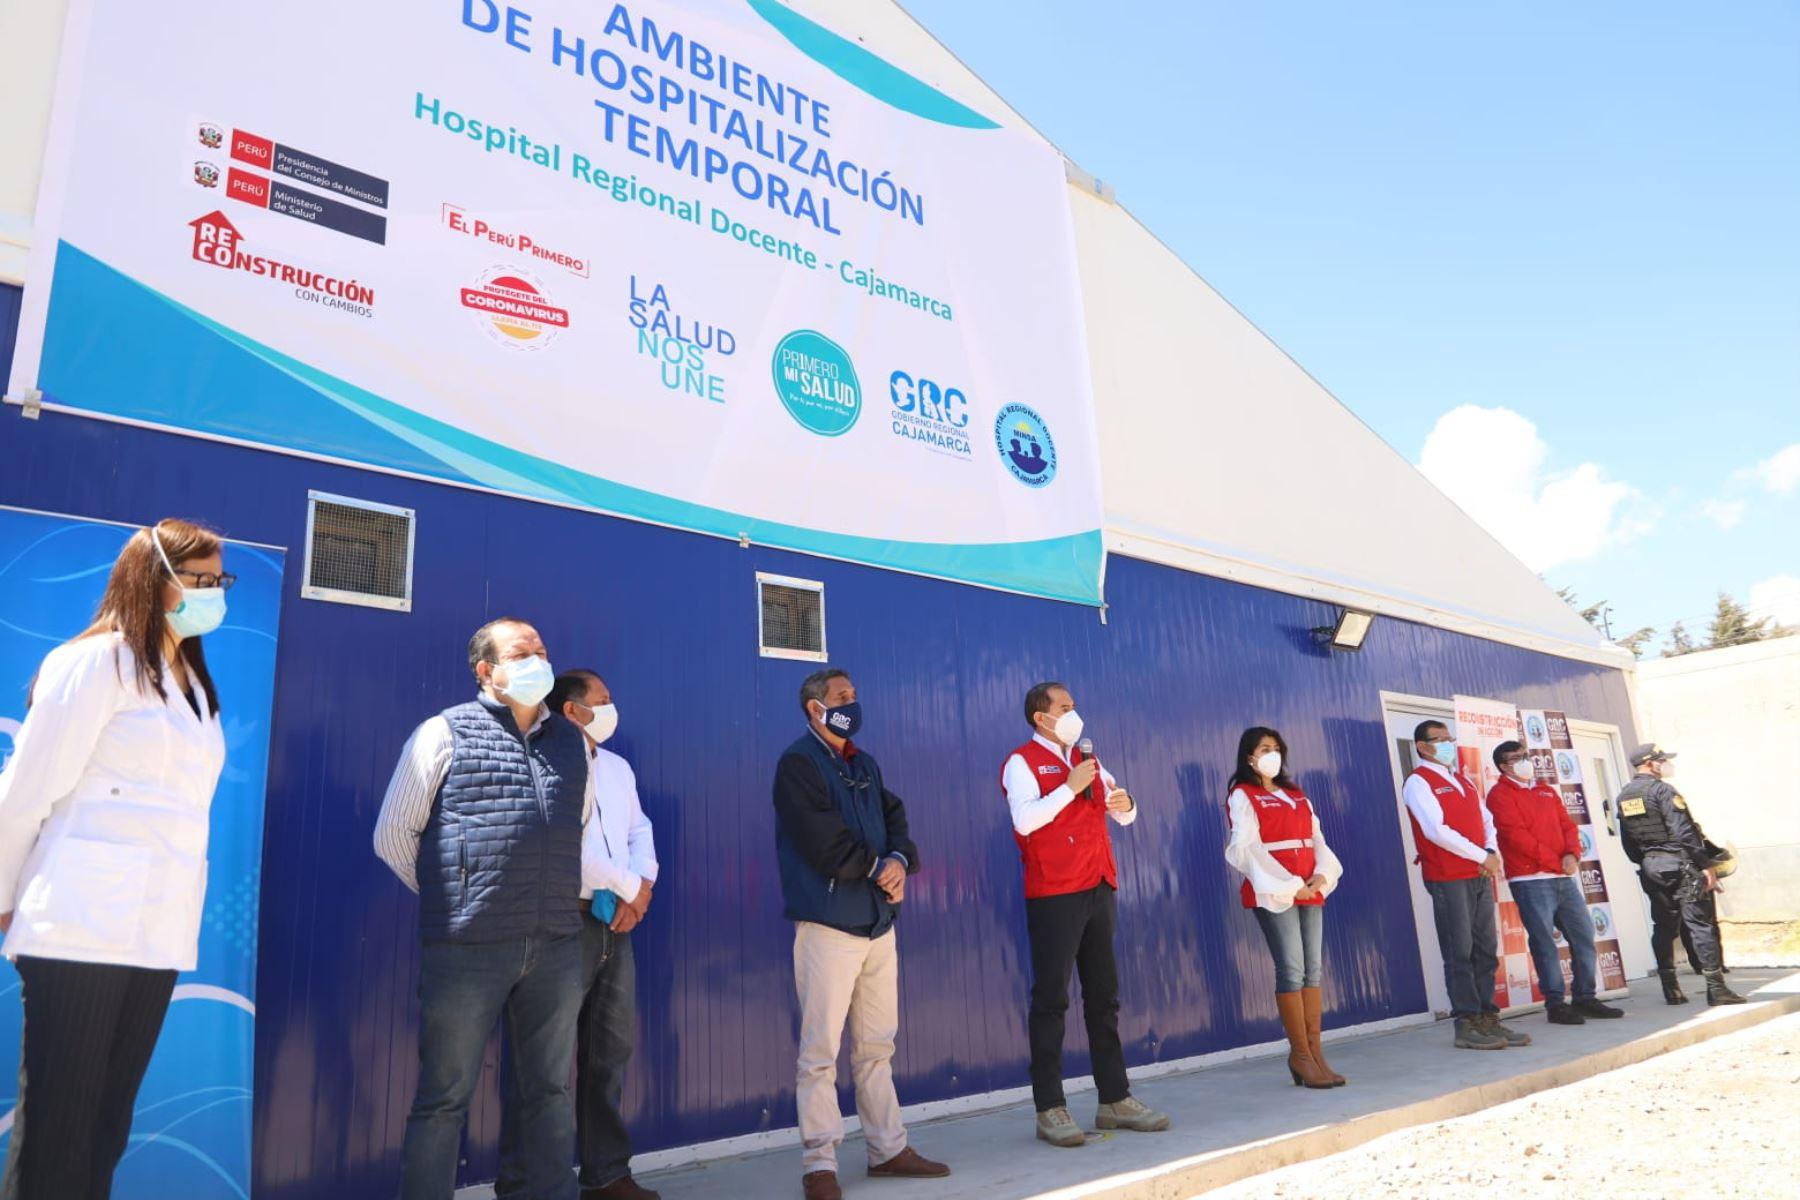 Reconstrucción: entregan Centro de Atención Temporal para pacientes covid-19 en Cajamarca | Noticias